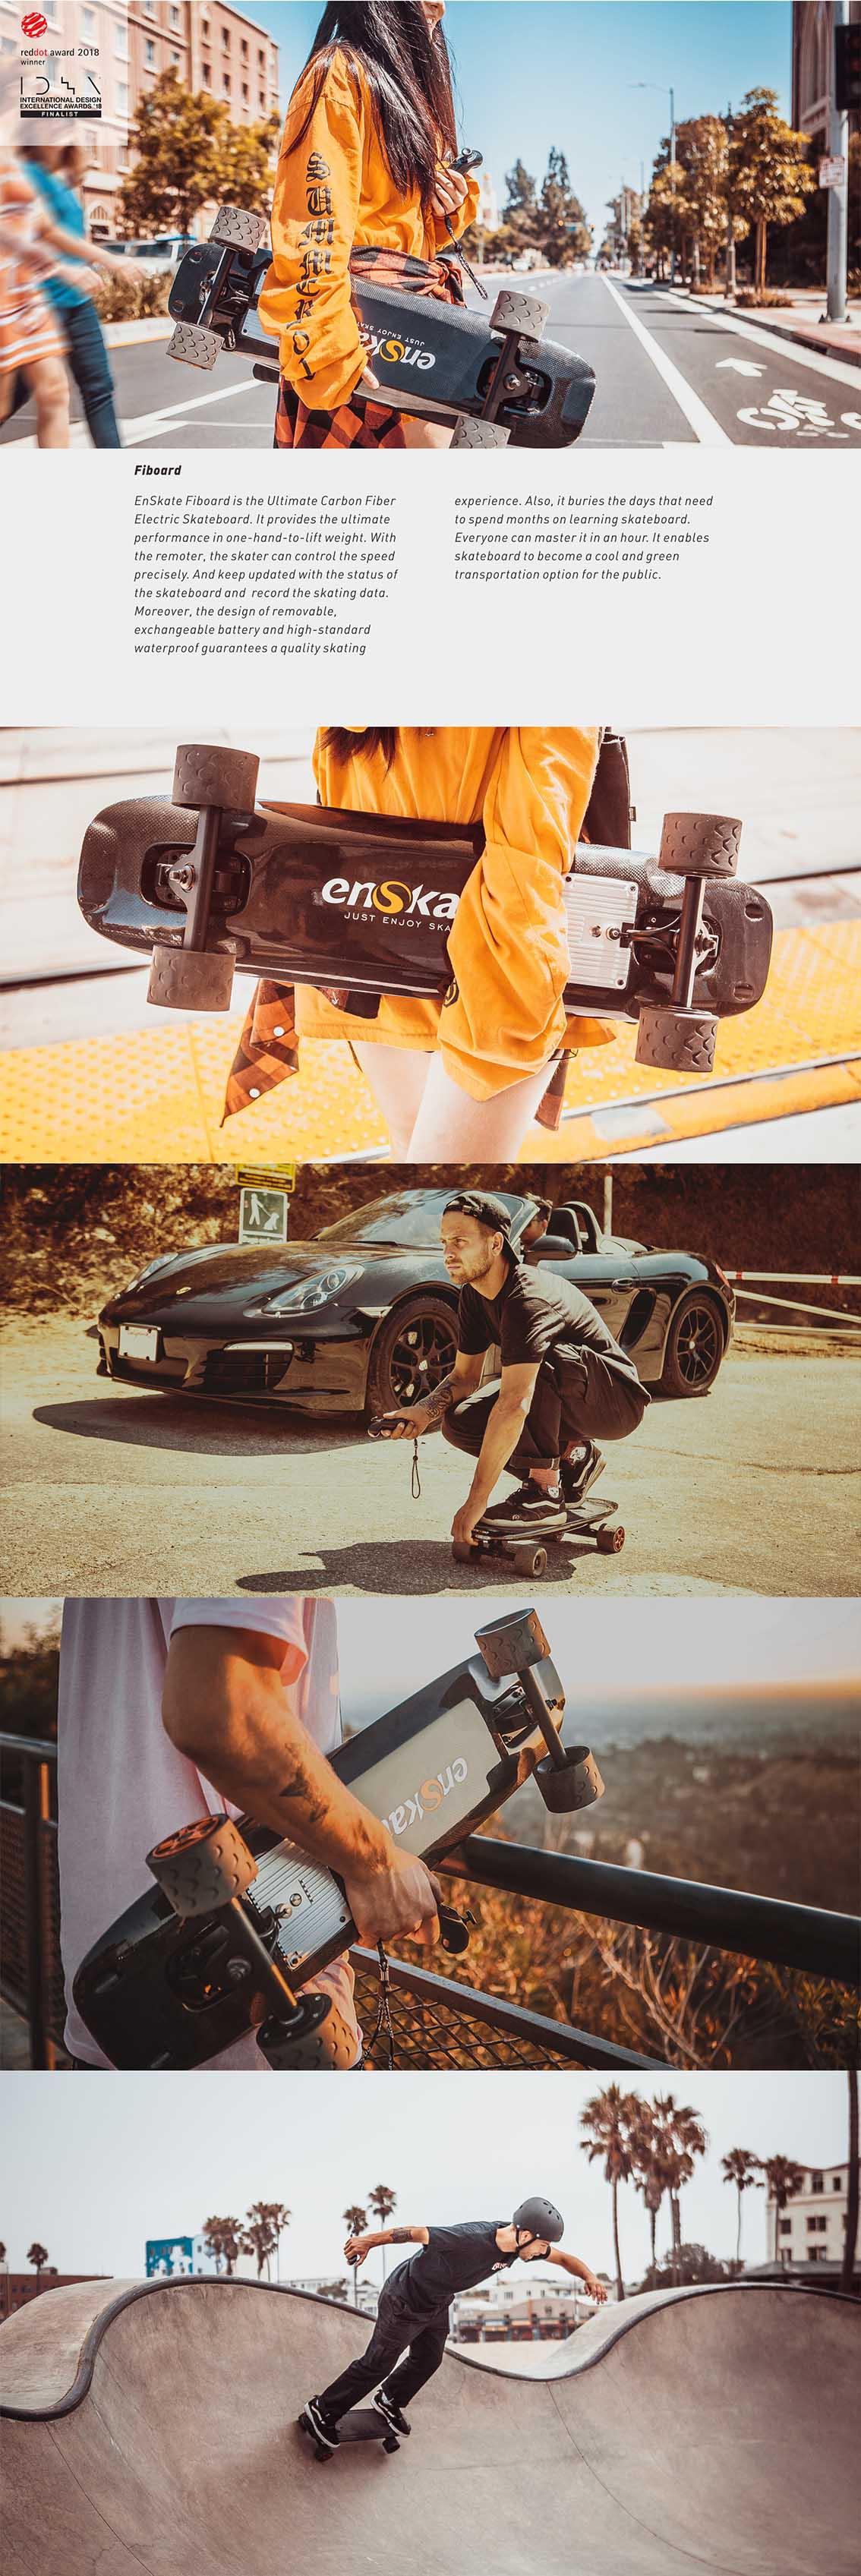 FIBOARD 智能碳纤维滑板_产品设计-来设计